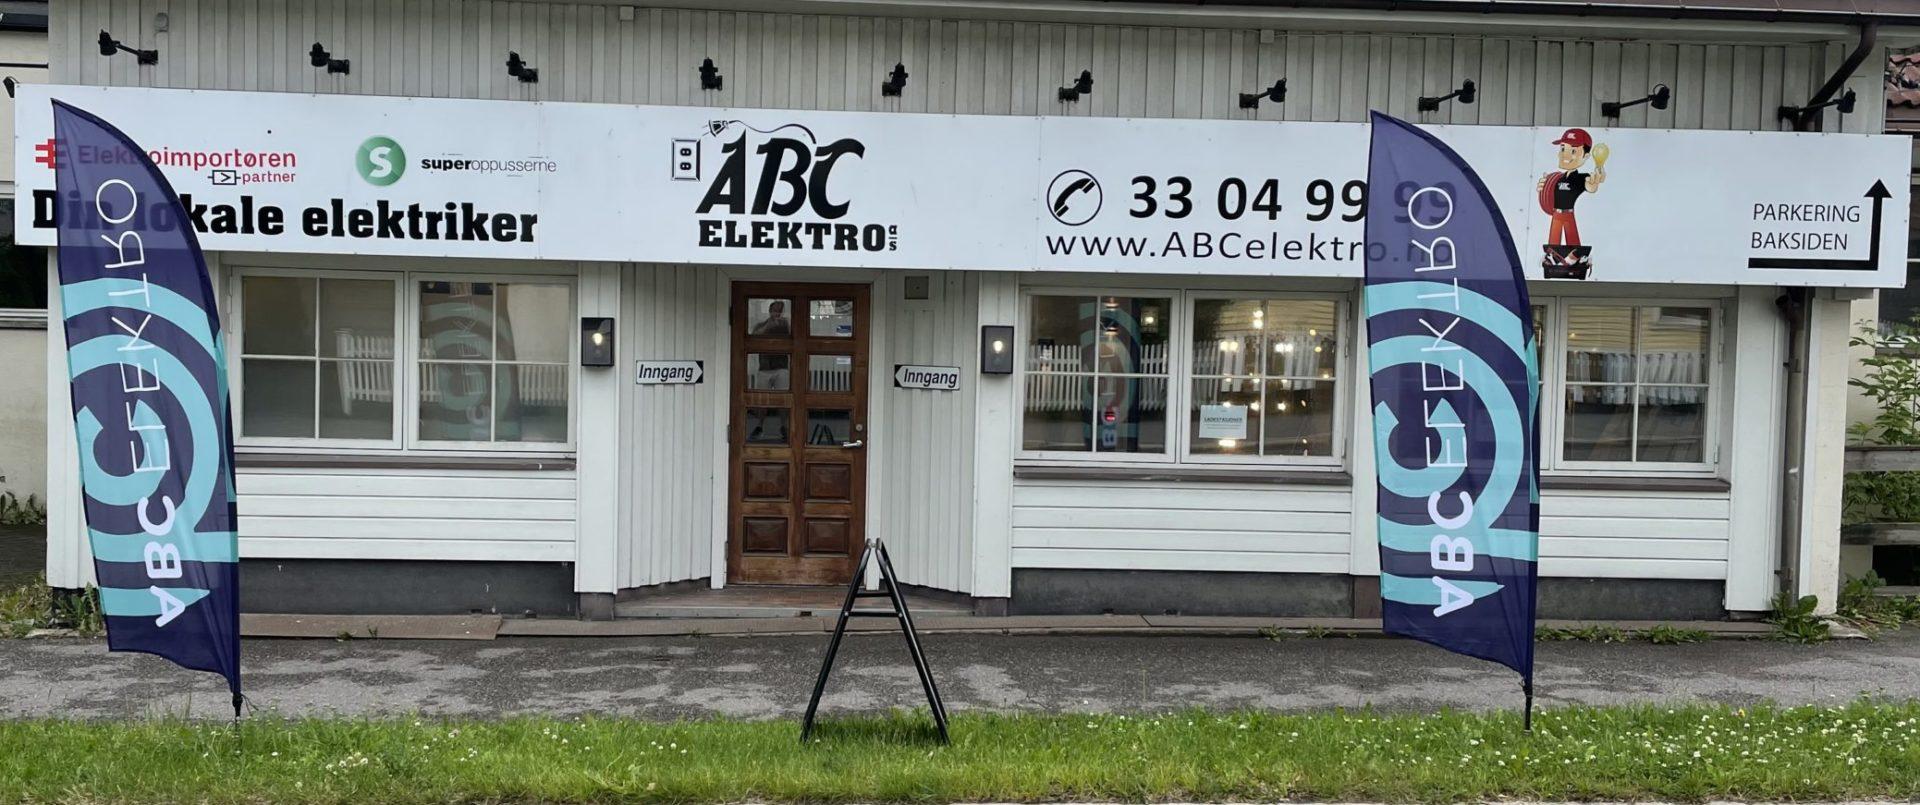 ABC Elektro A/S – Din Lokale Elektriker